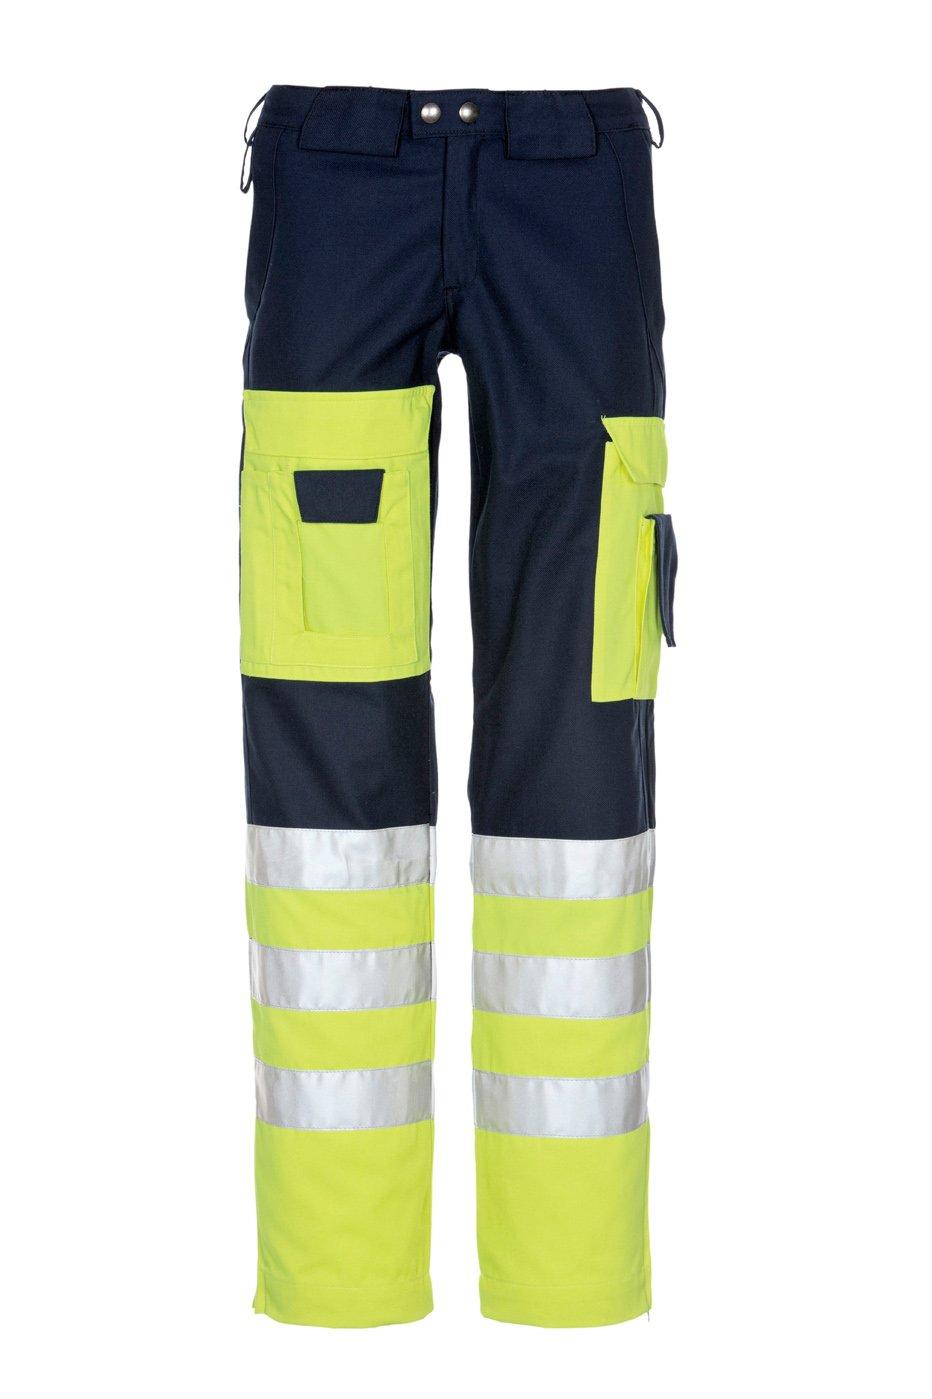 Sicherheitshose, fluorescent lemon/red, ISO 20471 Kl. 2